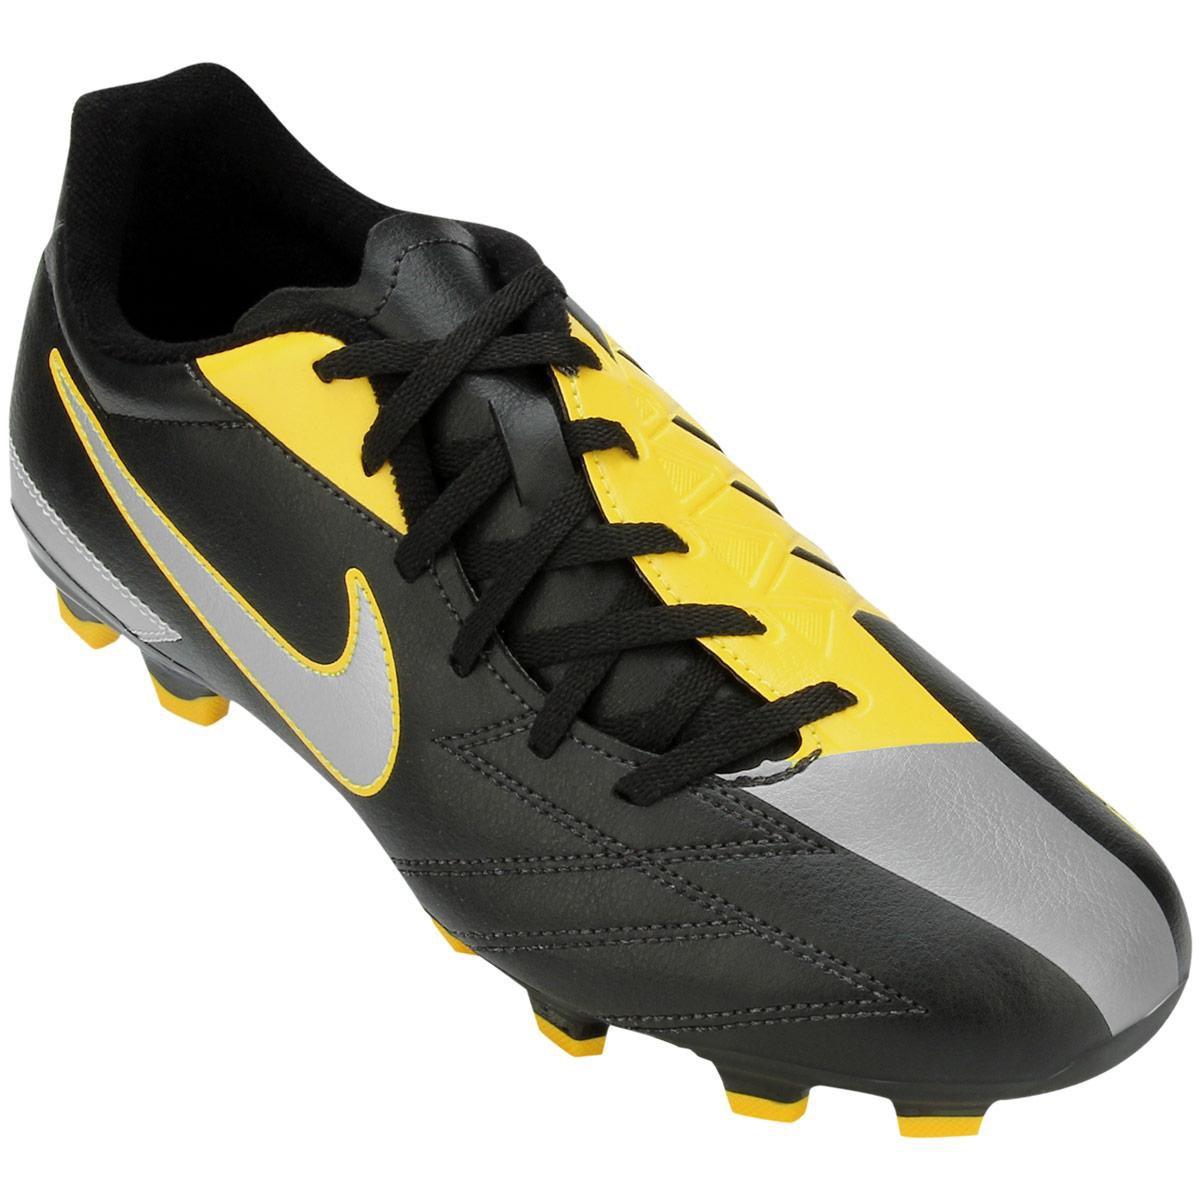 13087d227c Chuteira Nike Total 90 Exacto 4 FG - Compre Agora